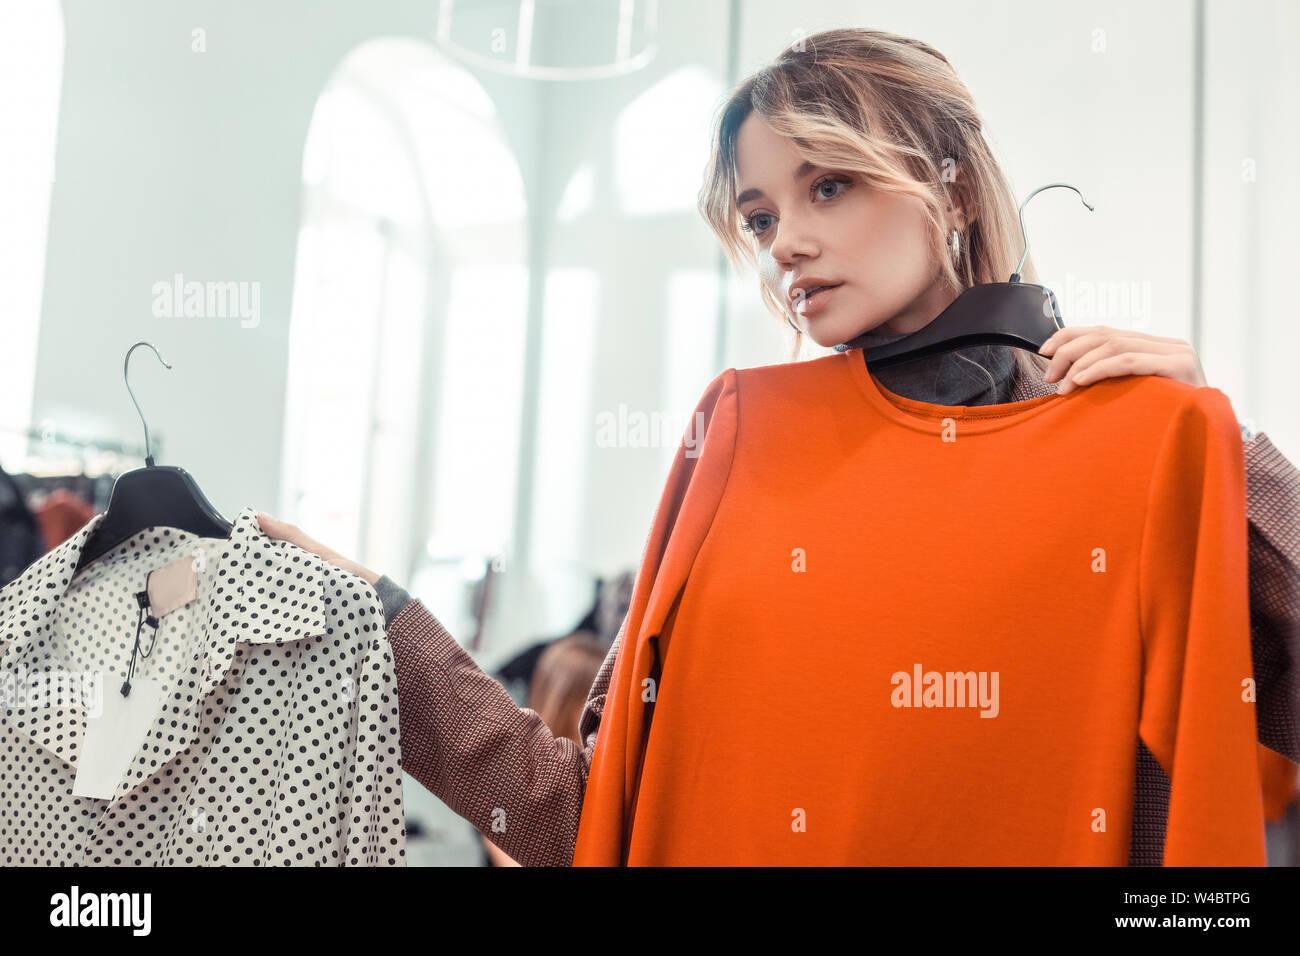 Biondo e sentimento donna premurosa mentre la scelta di vestire Foto Stock